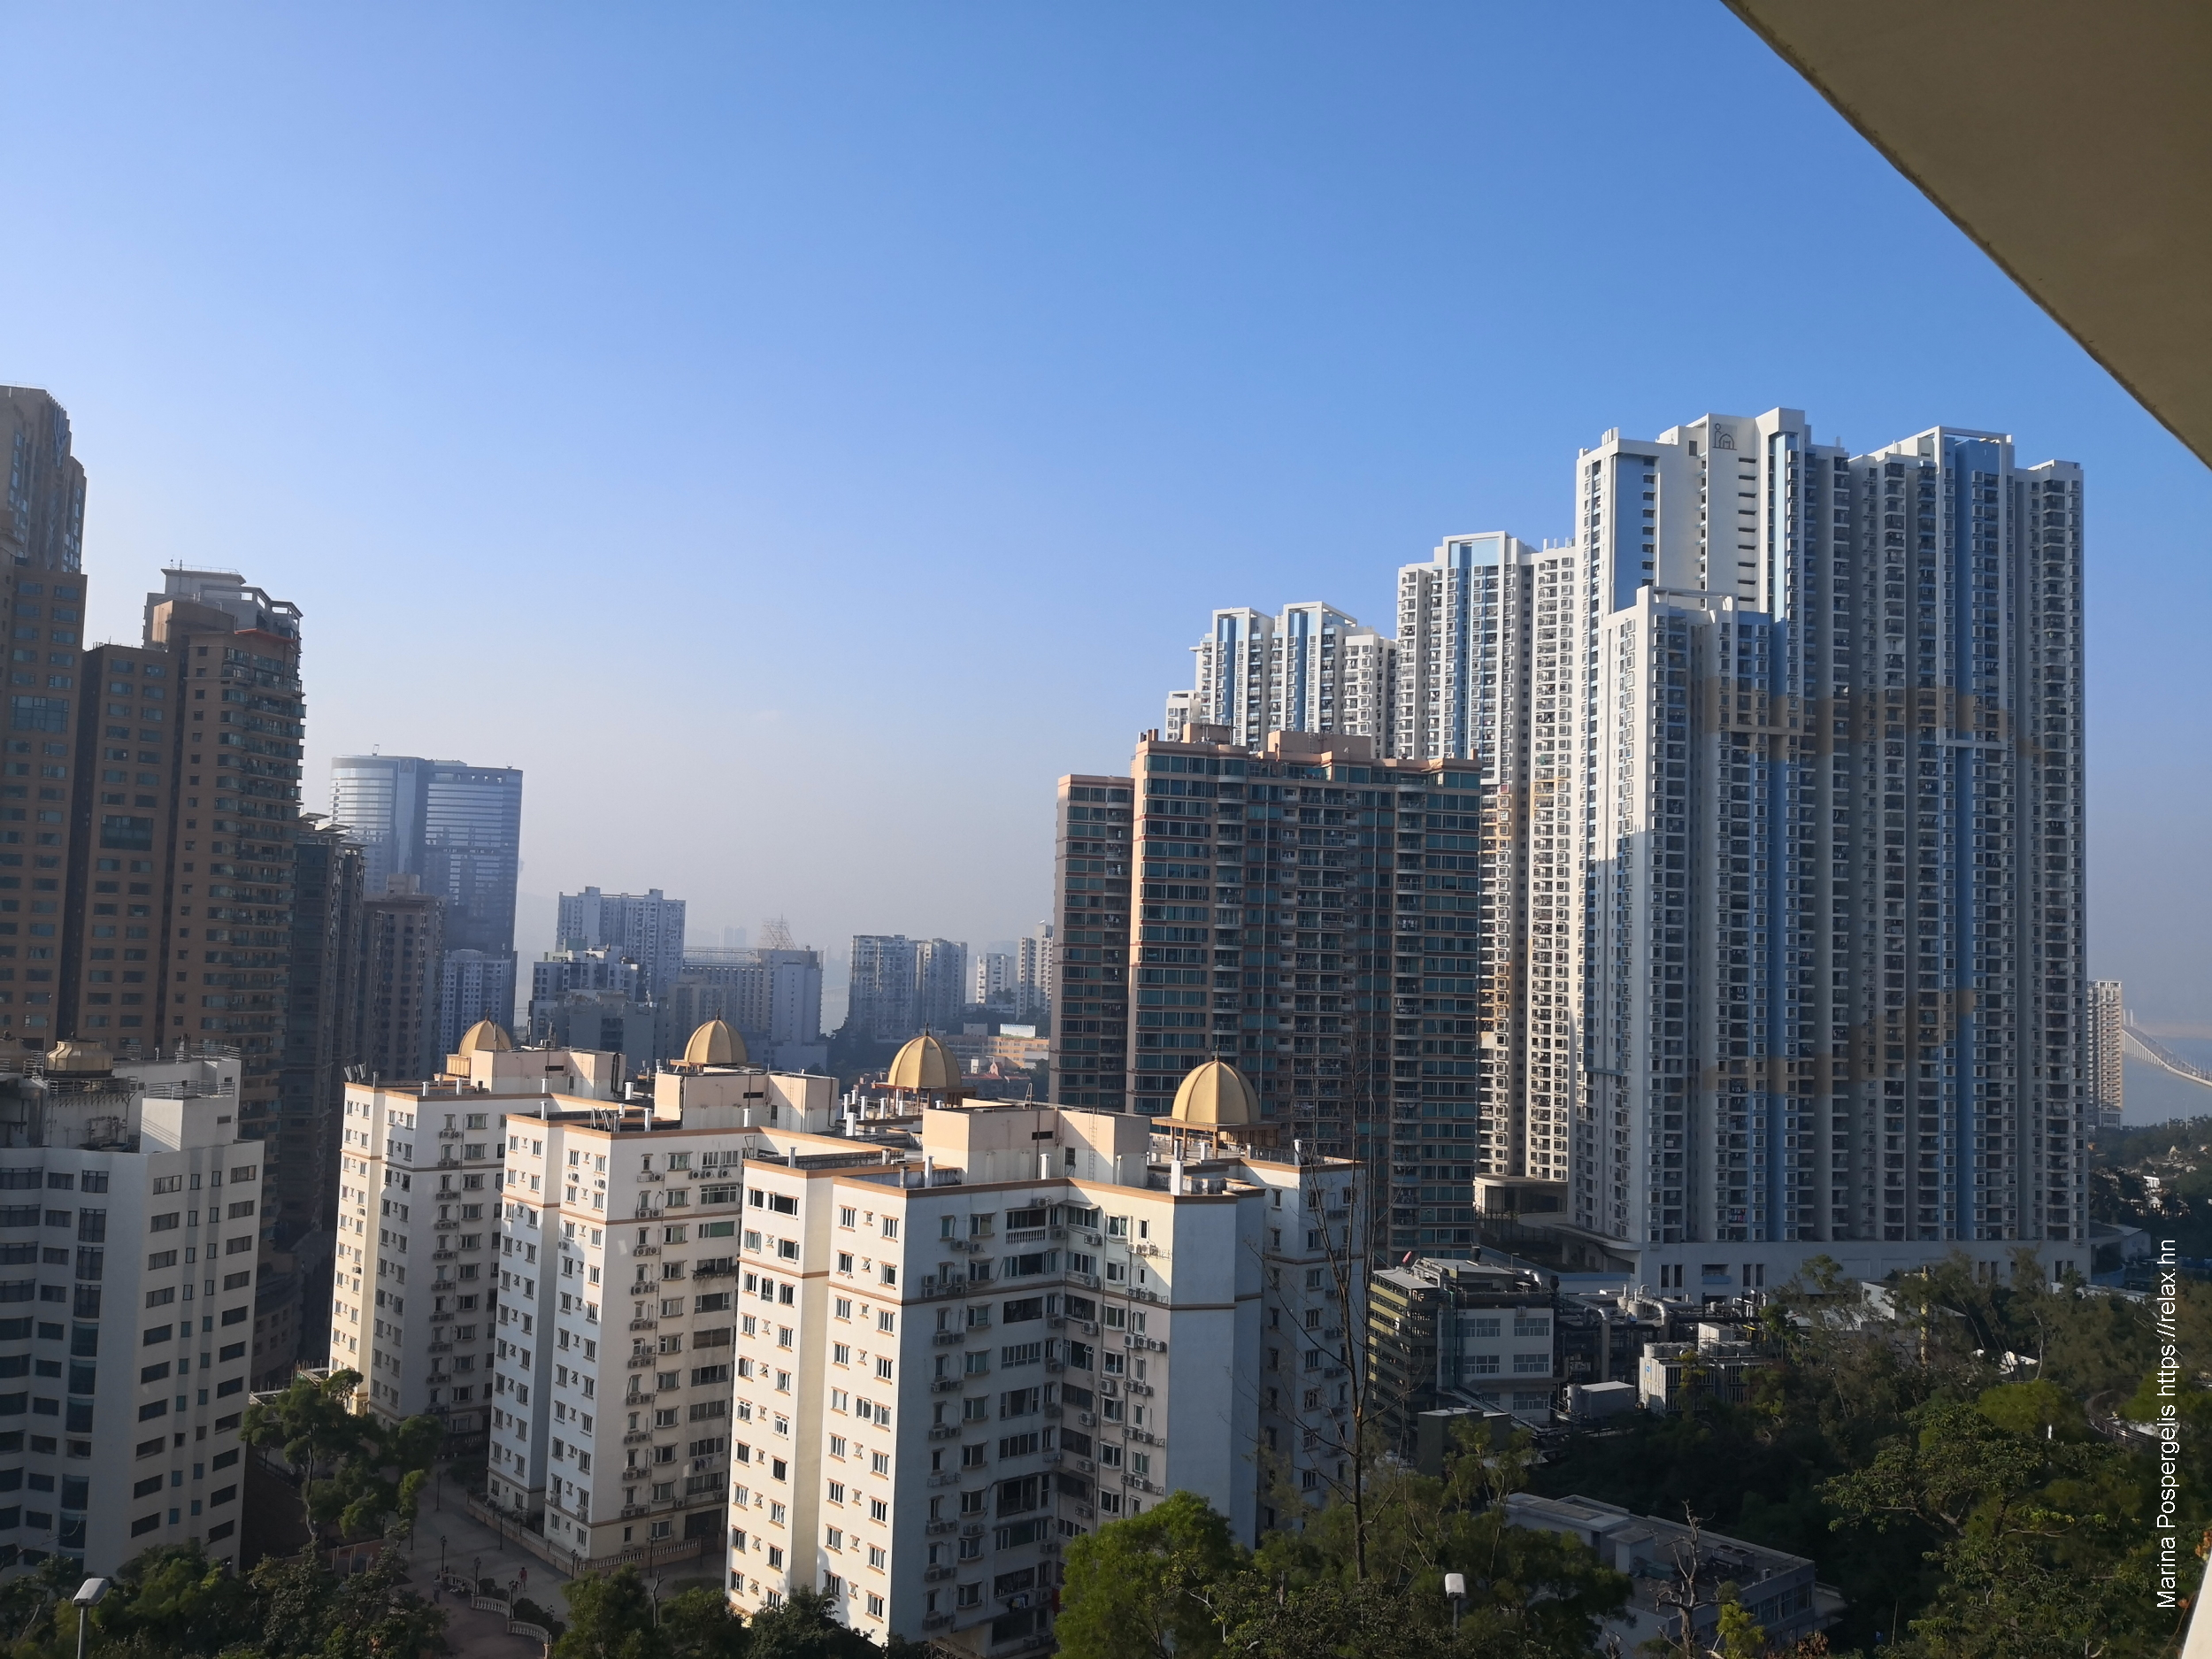 Вид на жилые кварталы Тайпы, правее